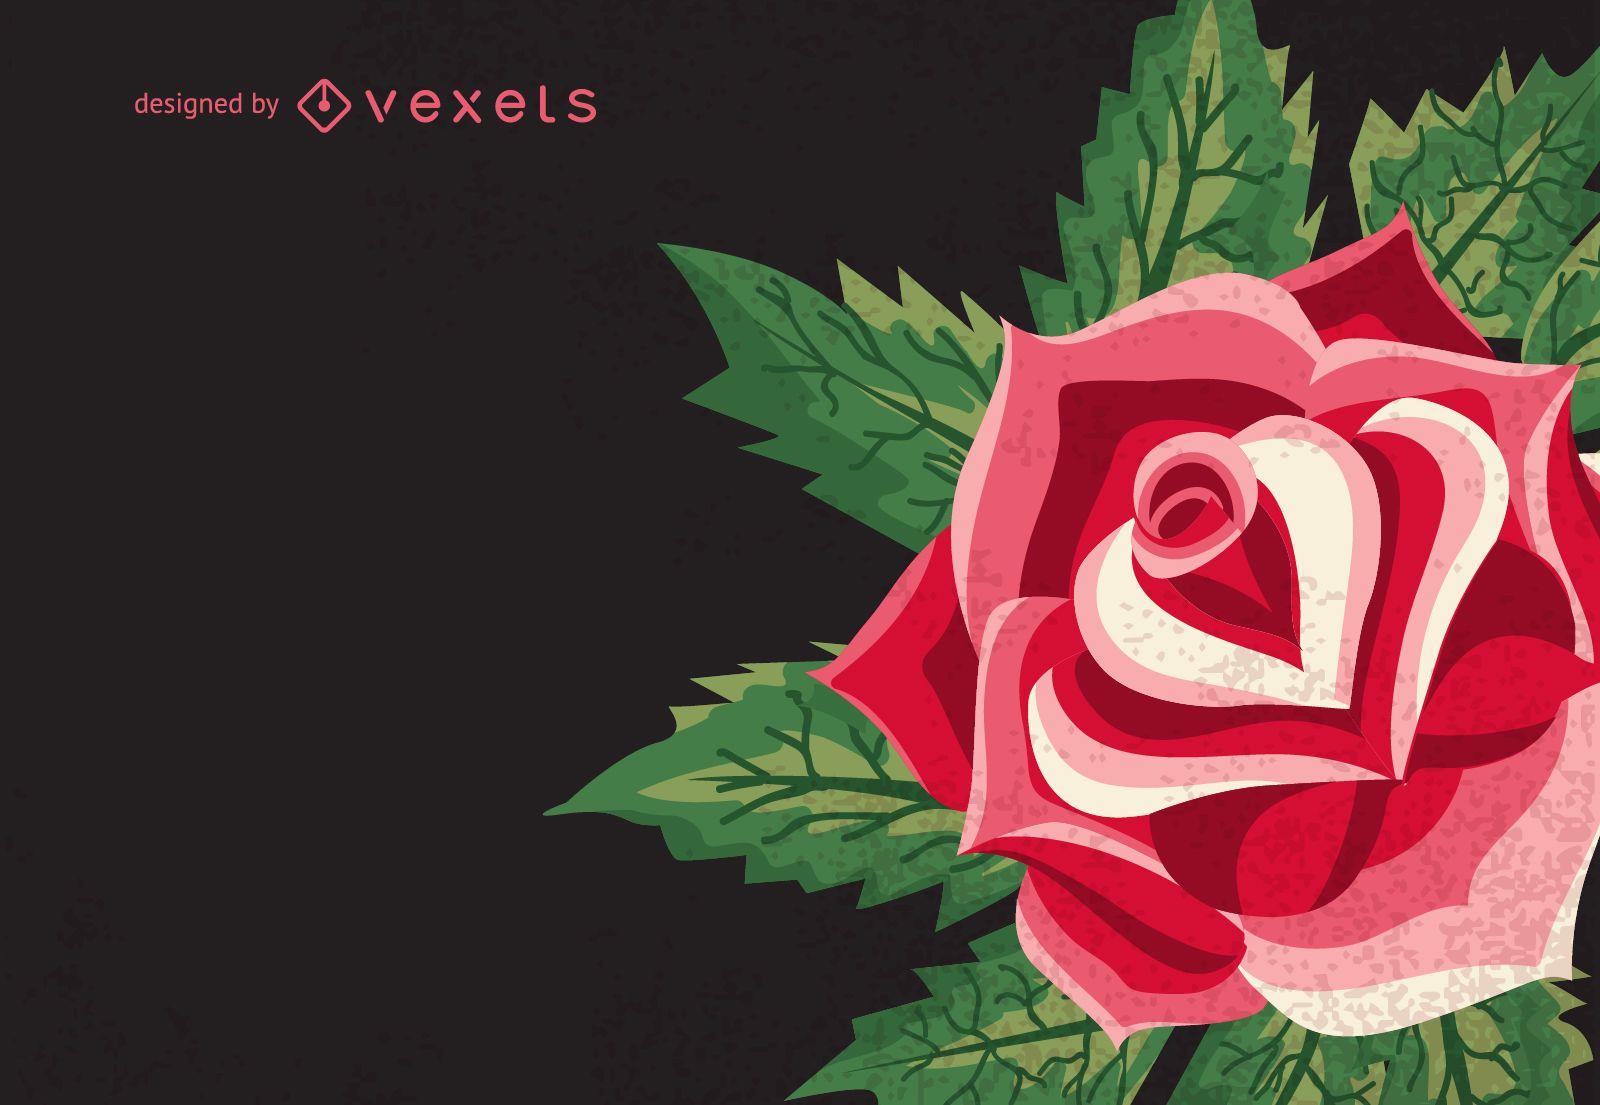 Retro rose illustration